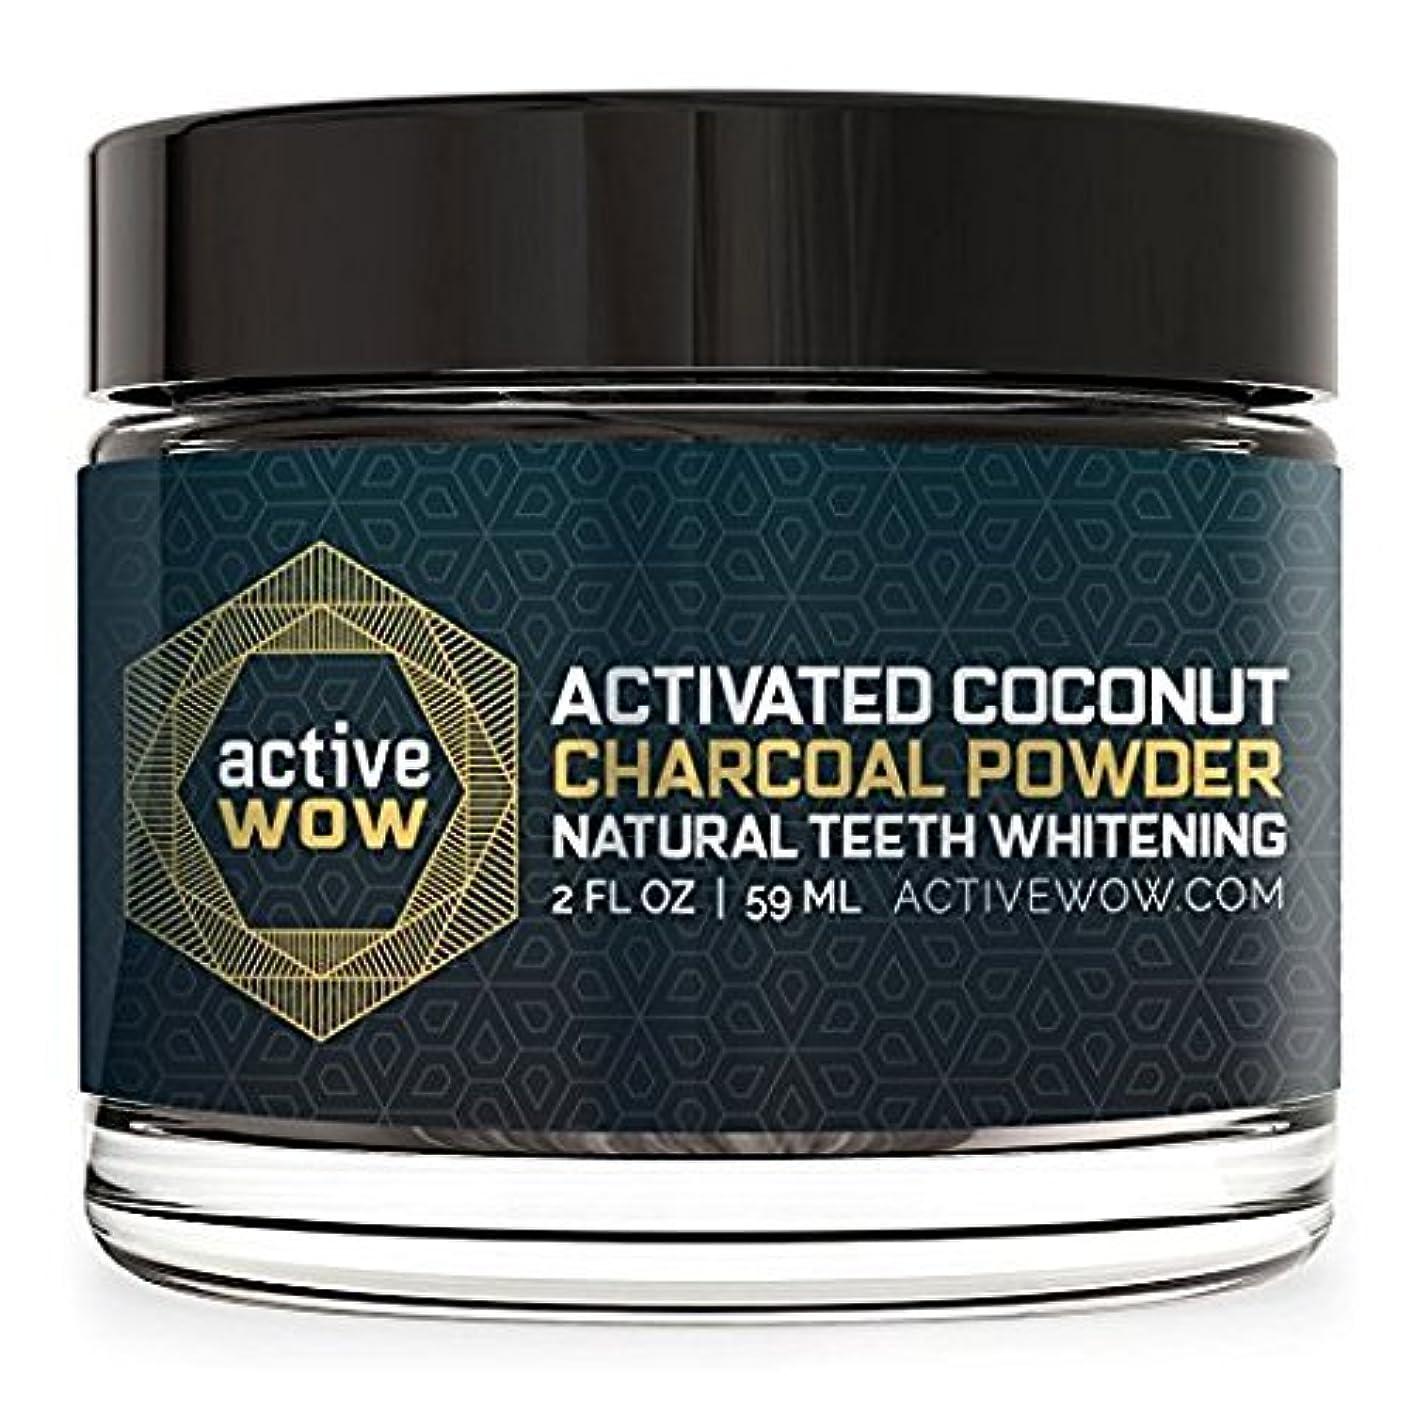 拳堀スイッチアメリカで売れている 炭パウダー歯のホワイトニング Teeth Whitening Charcoal Powder Natural [並行輸入品]